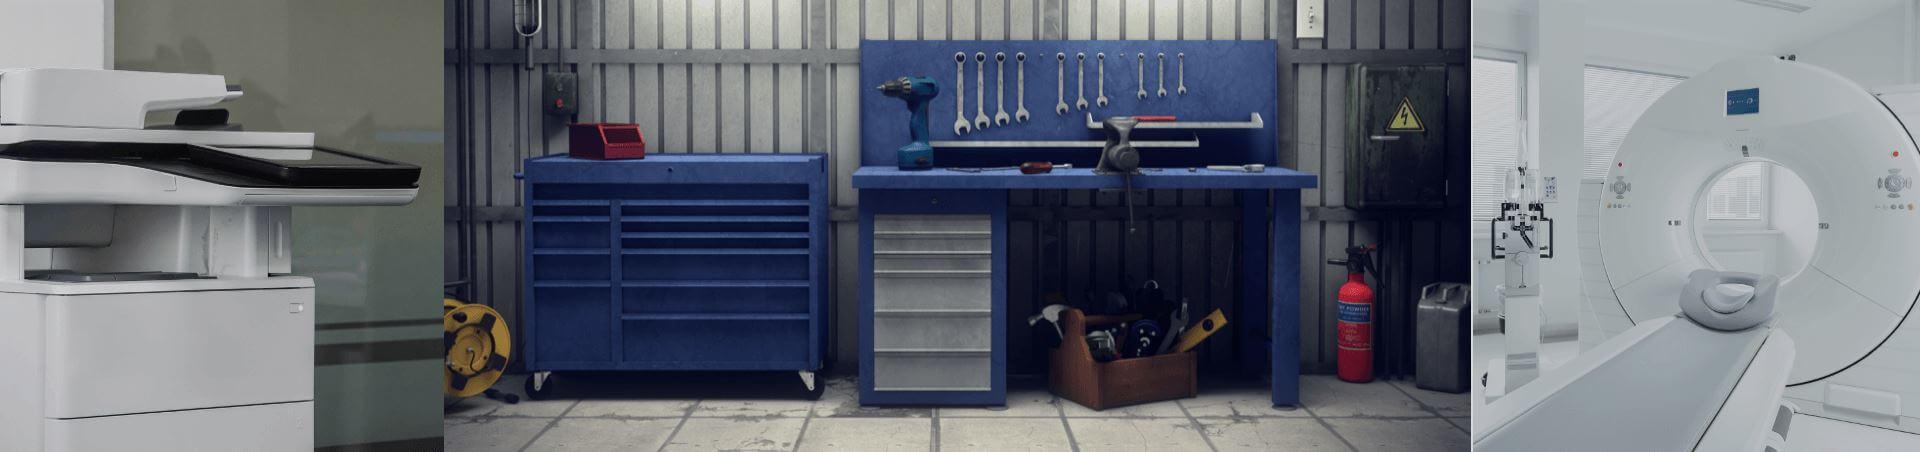 Tools & Equipment Finance